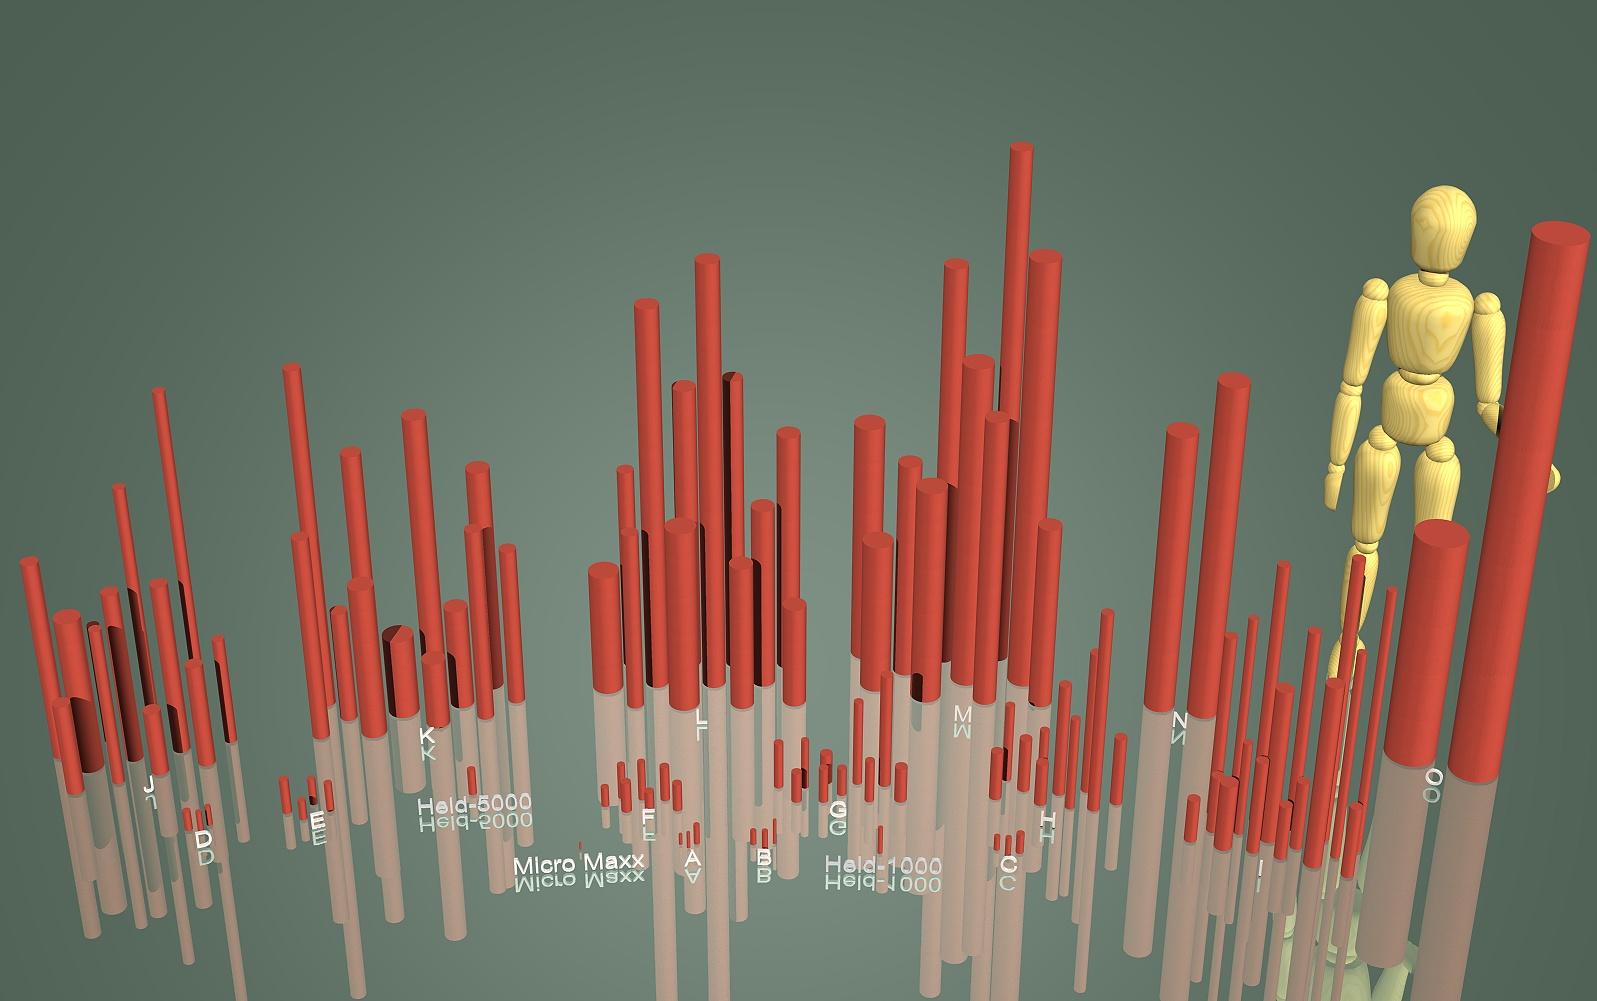 model-rocket-engines-sizes